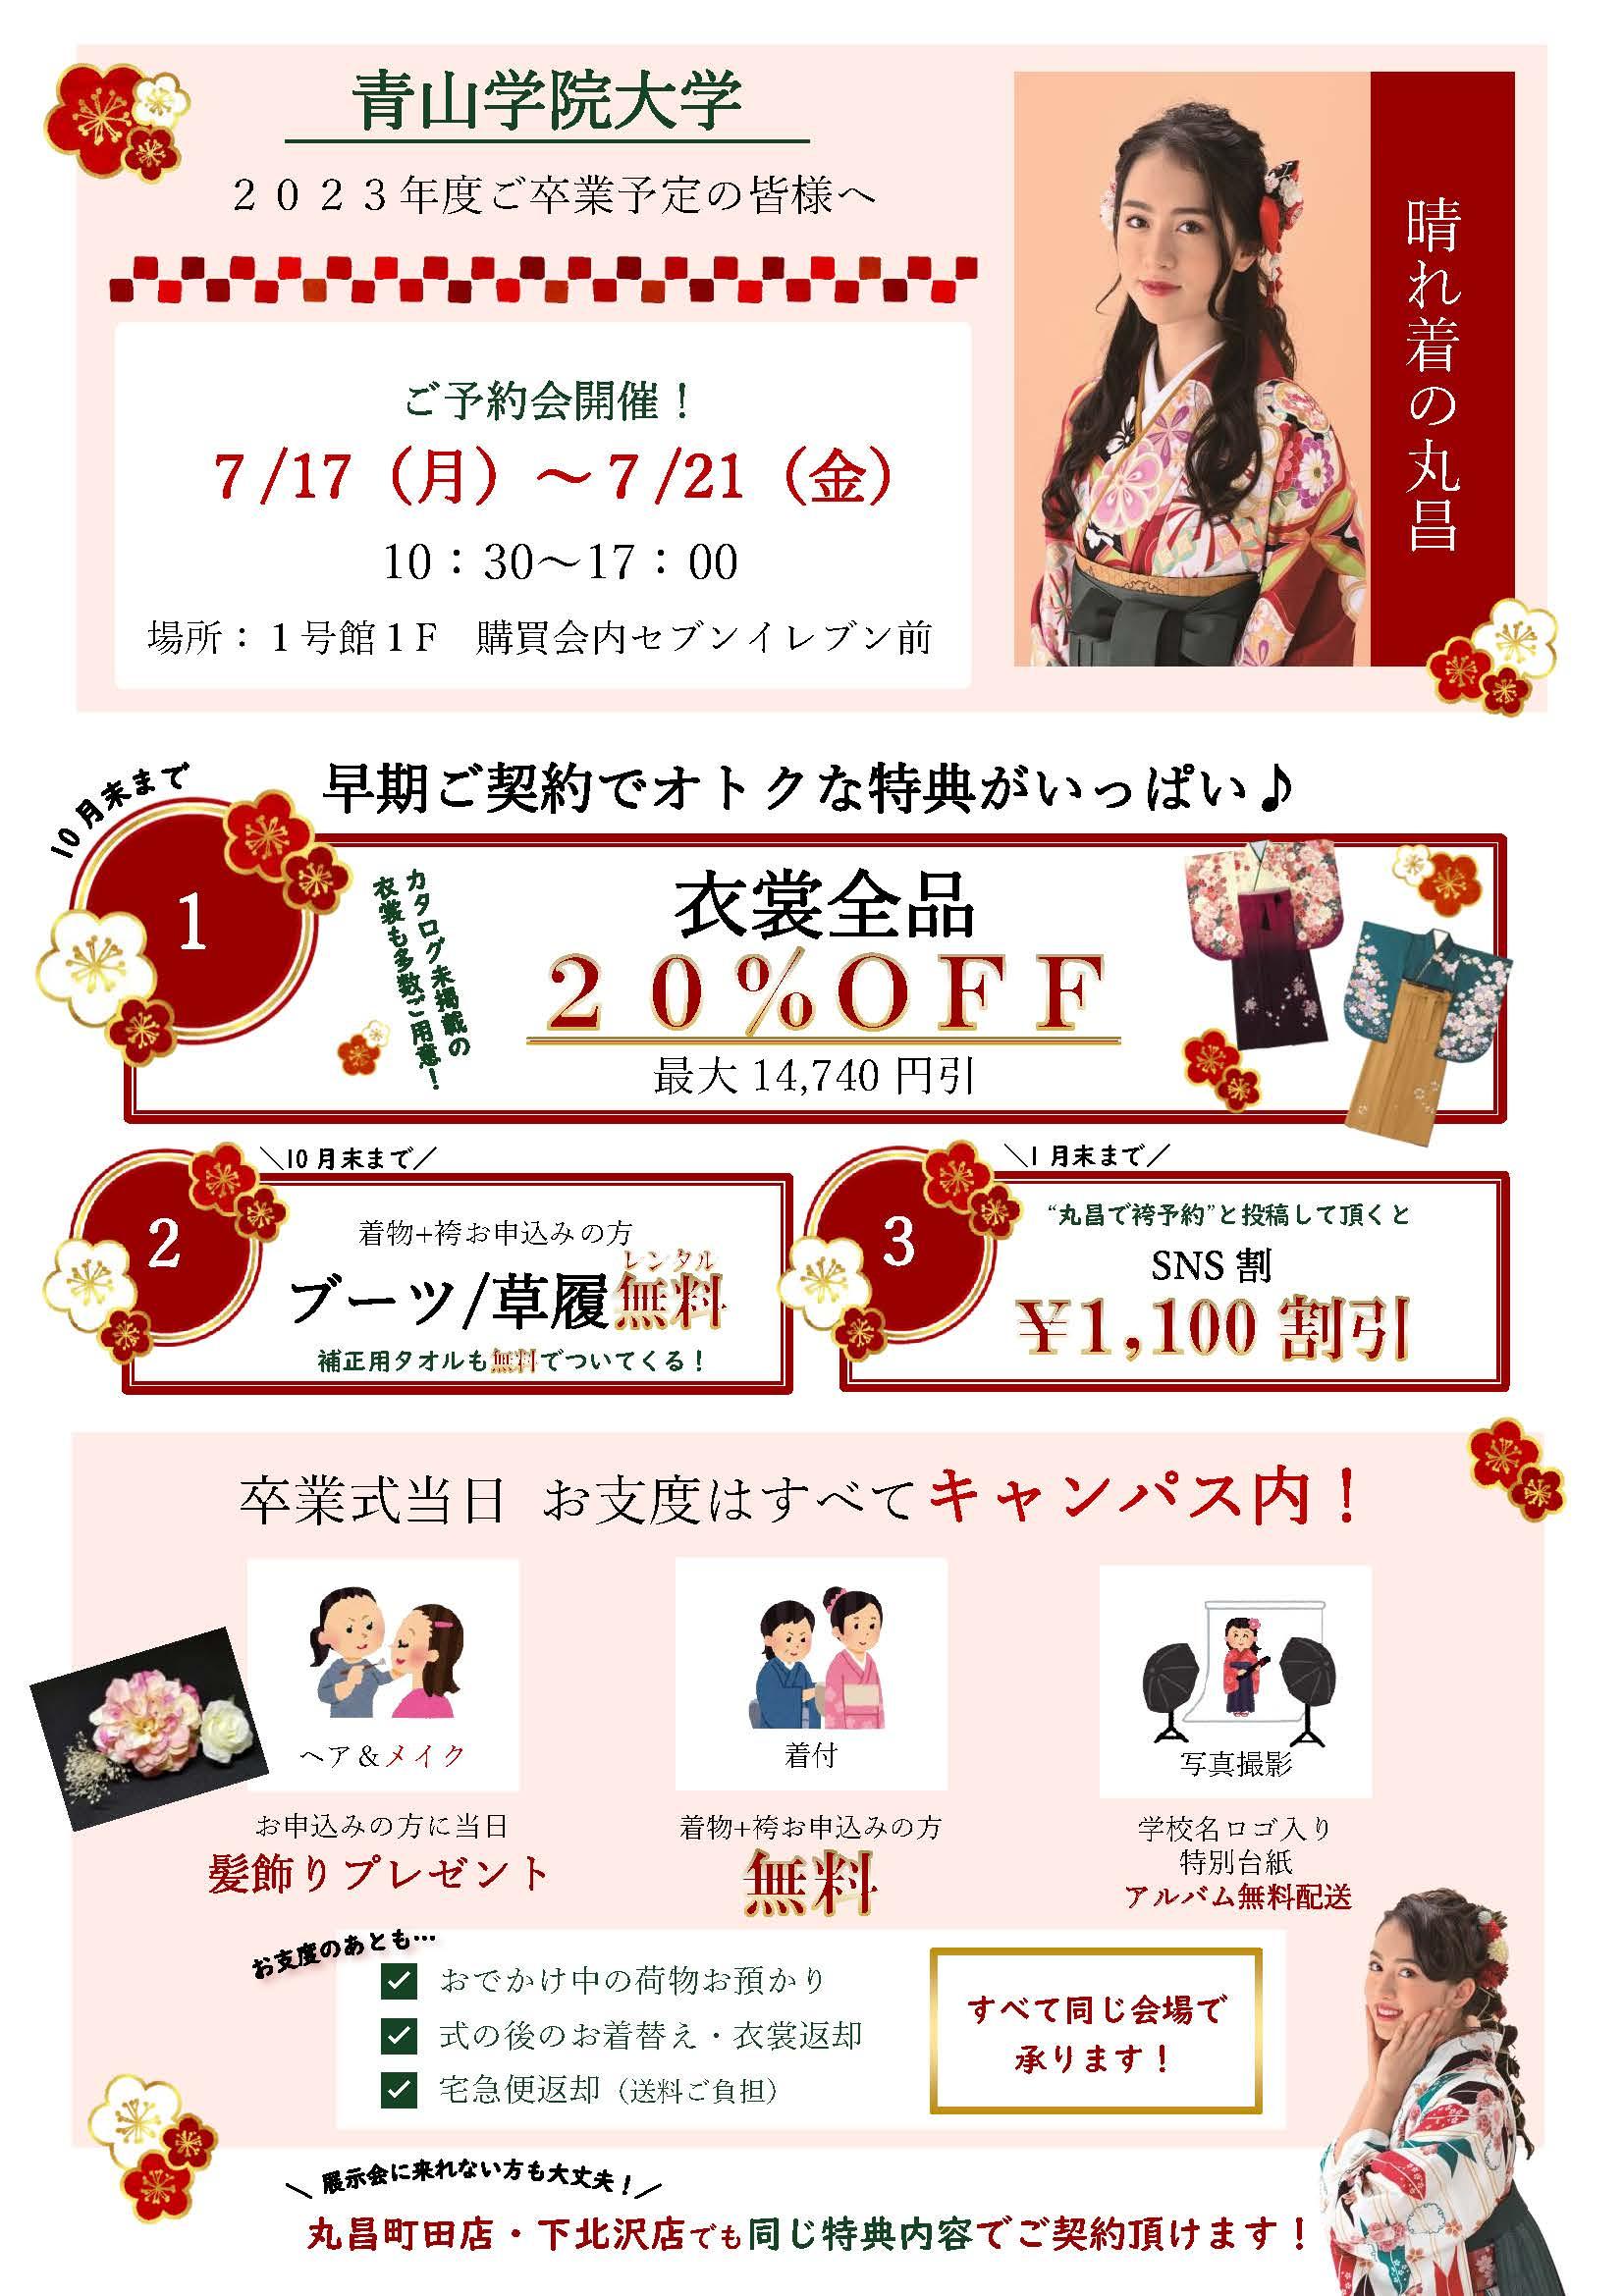 卒業袴レンタル予約会 ご案内チラシ(2020年度)